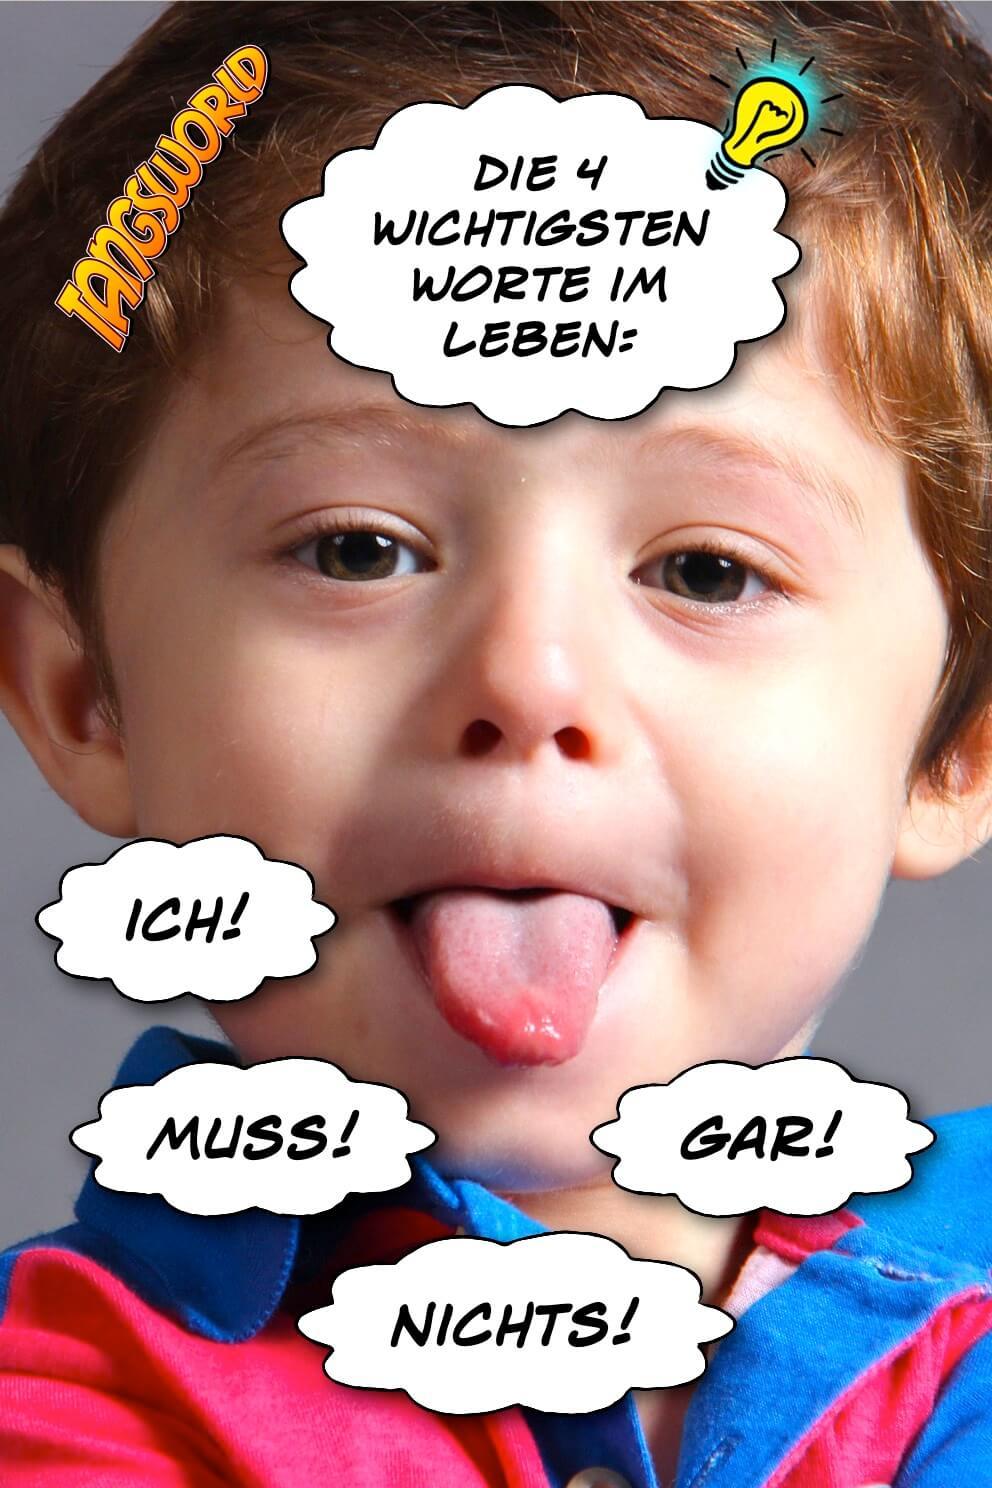 Die 4 wichtigsten Worte im Leben: Ich, Muss, Gar, Nichts! - Geistes(bl)witze